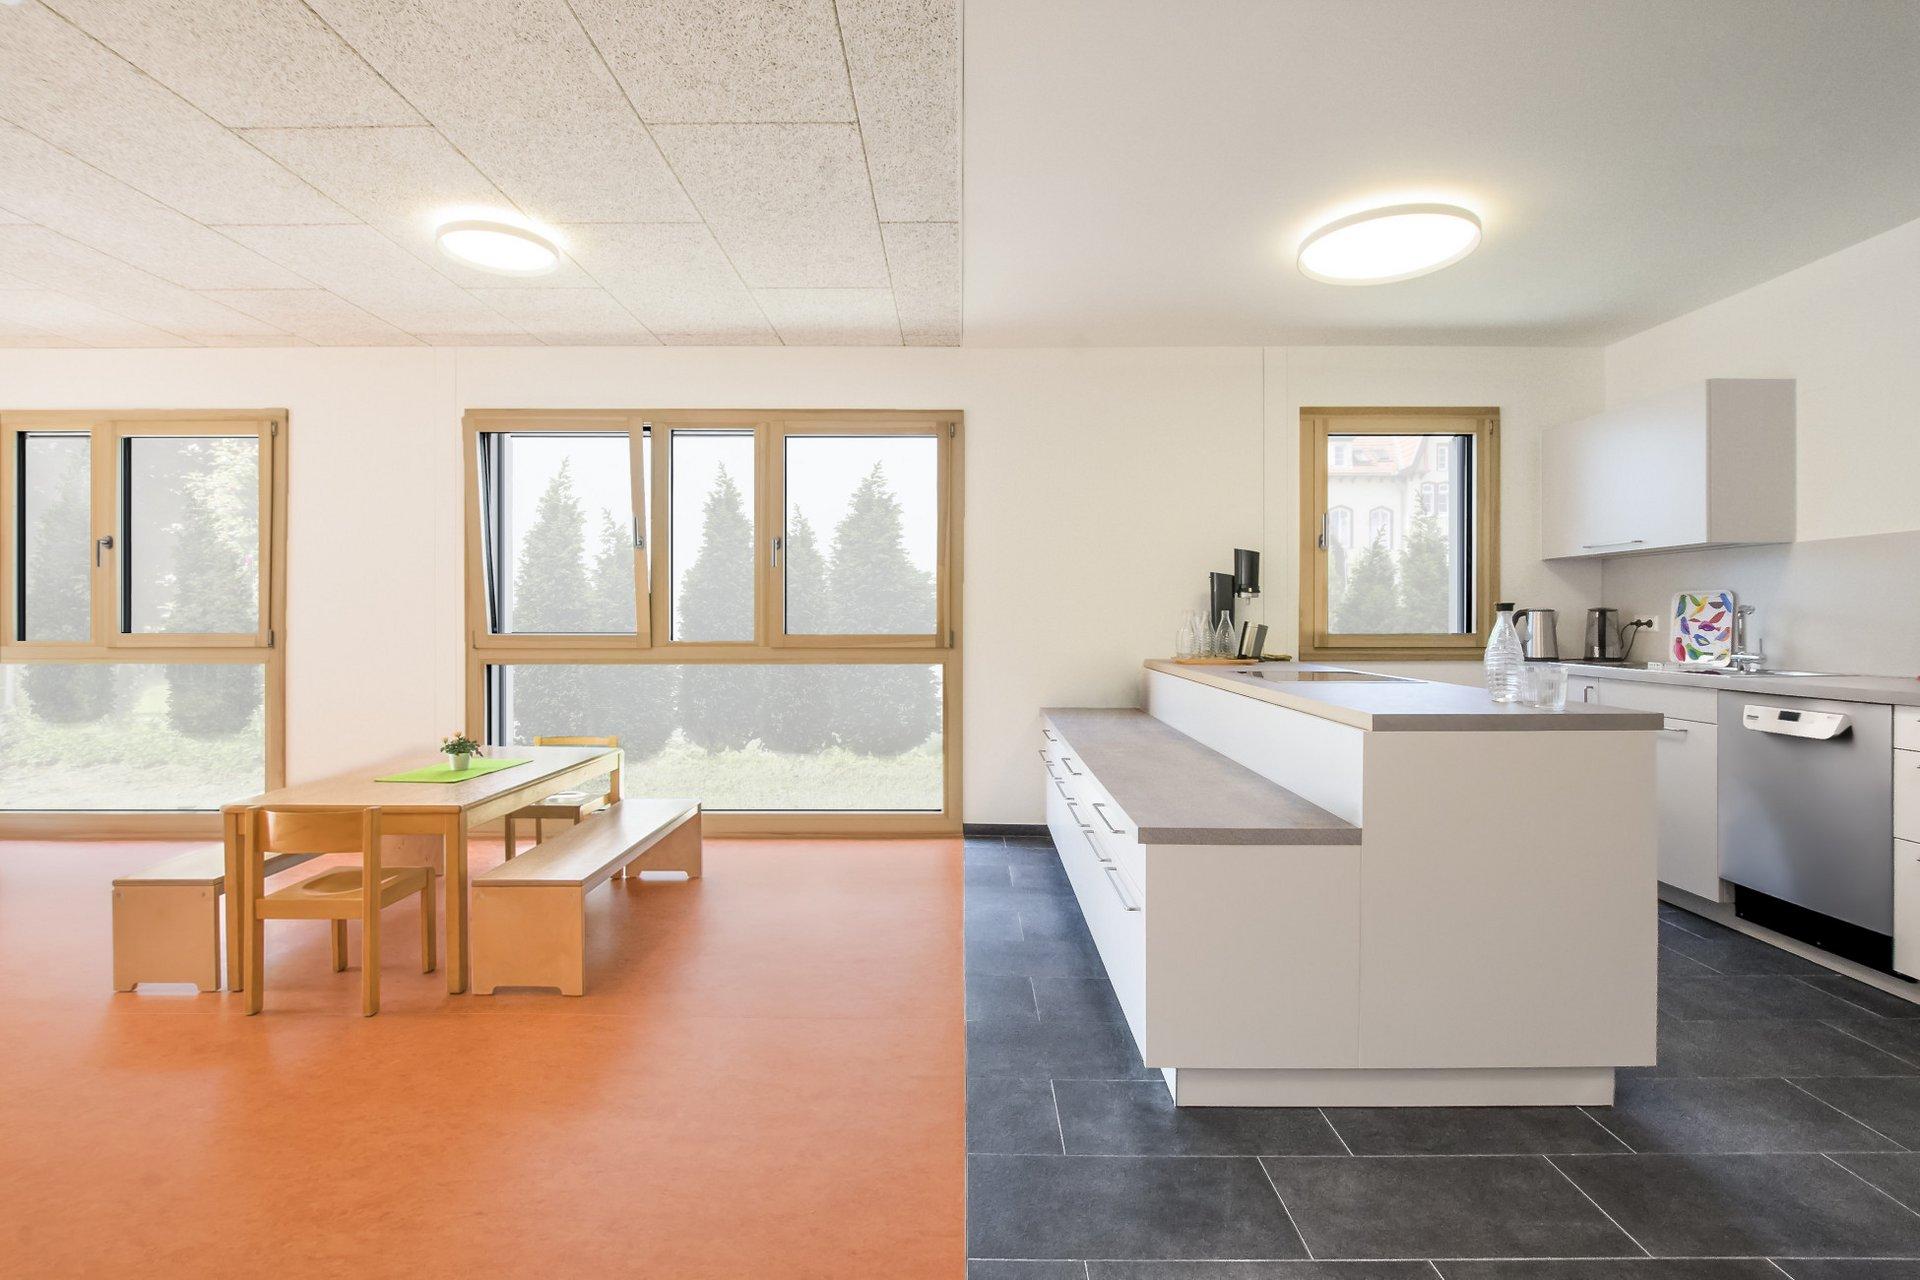 Einblick in die Küche und einen Teil des Esszimmers, mit einem Tisch welcher auf einem orangen Boden steht, während die Küche auf einem Dunkelgrauen Steinboden platziert wurde